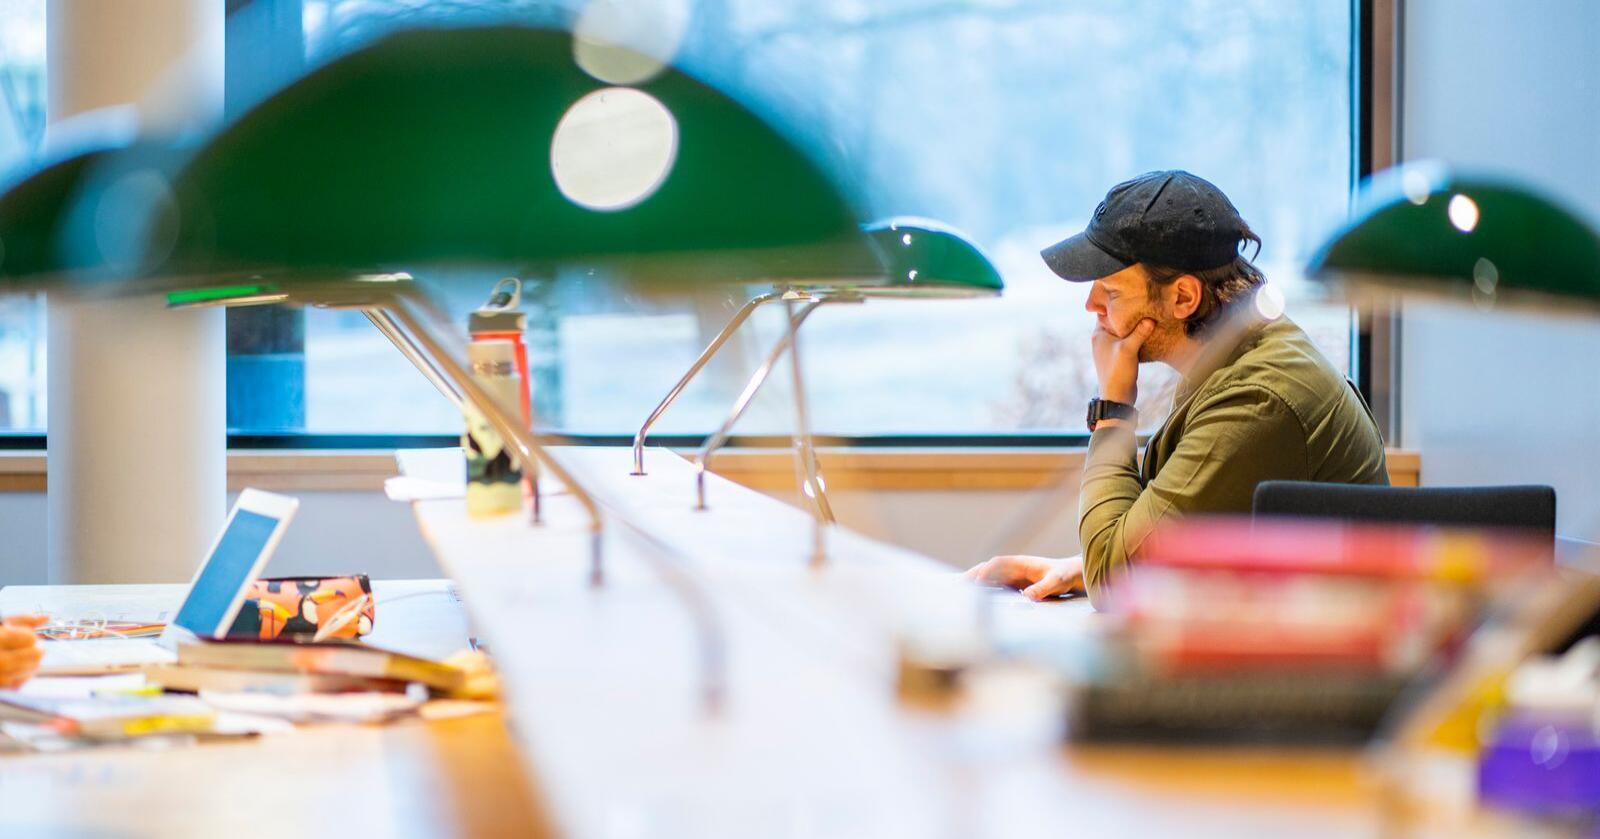 Det er studentane som bur i Oslo som i størst grad synest det er viktig med studietilbod i den kommunen dei bur i. Studentane i Midt-Noreg er dei som i størst grad meiner det er uviktig. Foto: Håkon Mosvold Larsen / NTB